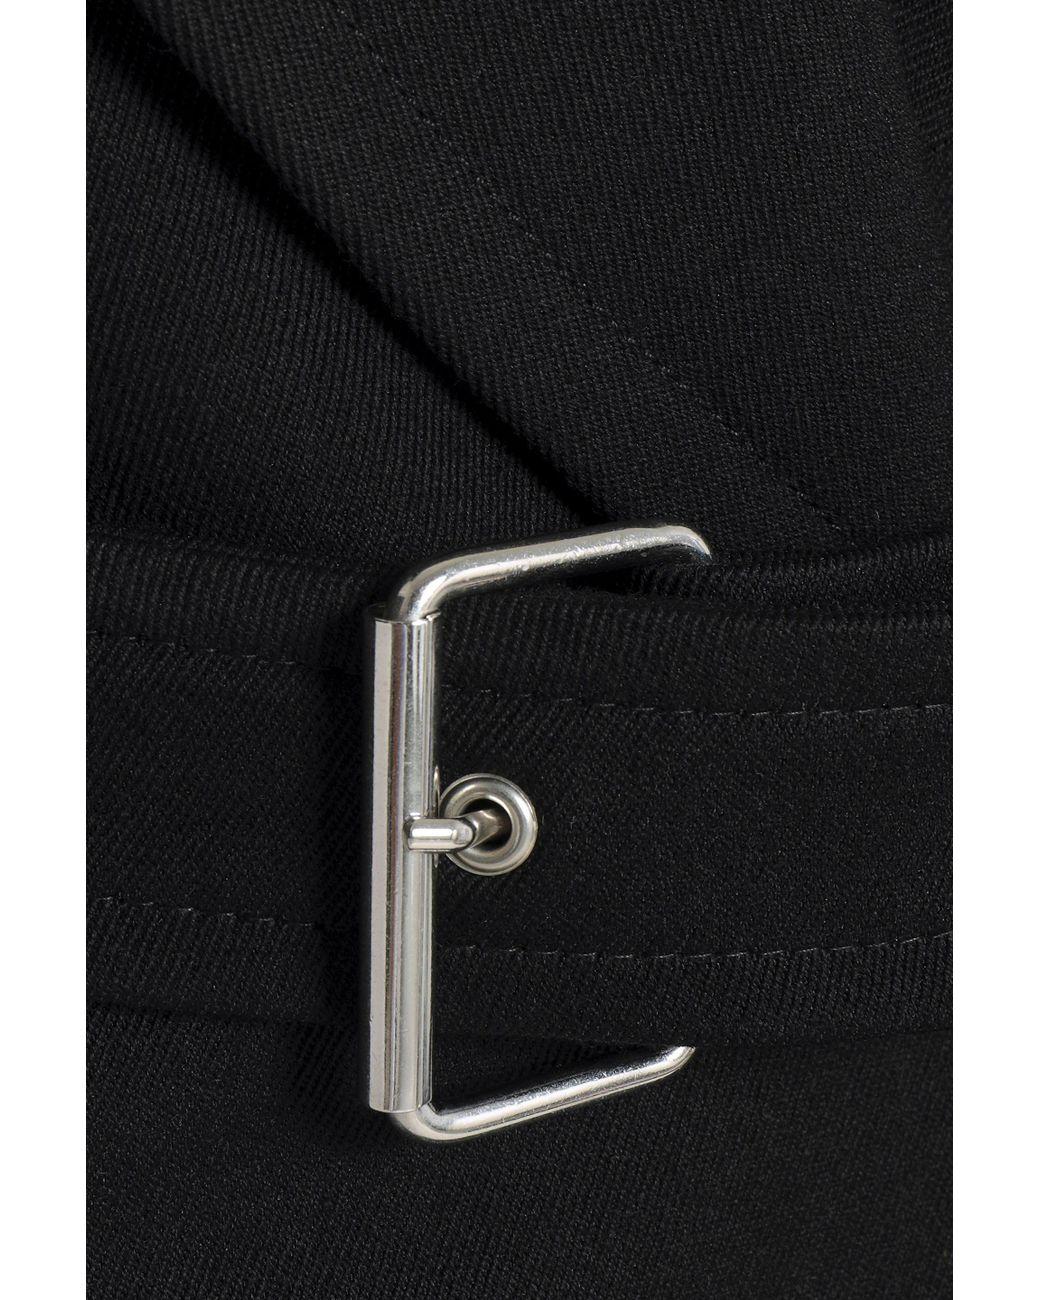 b4a011af7 Vanessa Bruno Belted Twill Jacket Black in Black - Lyst